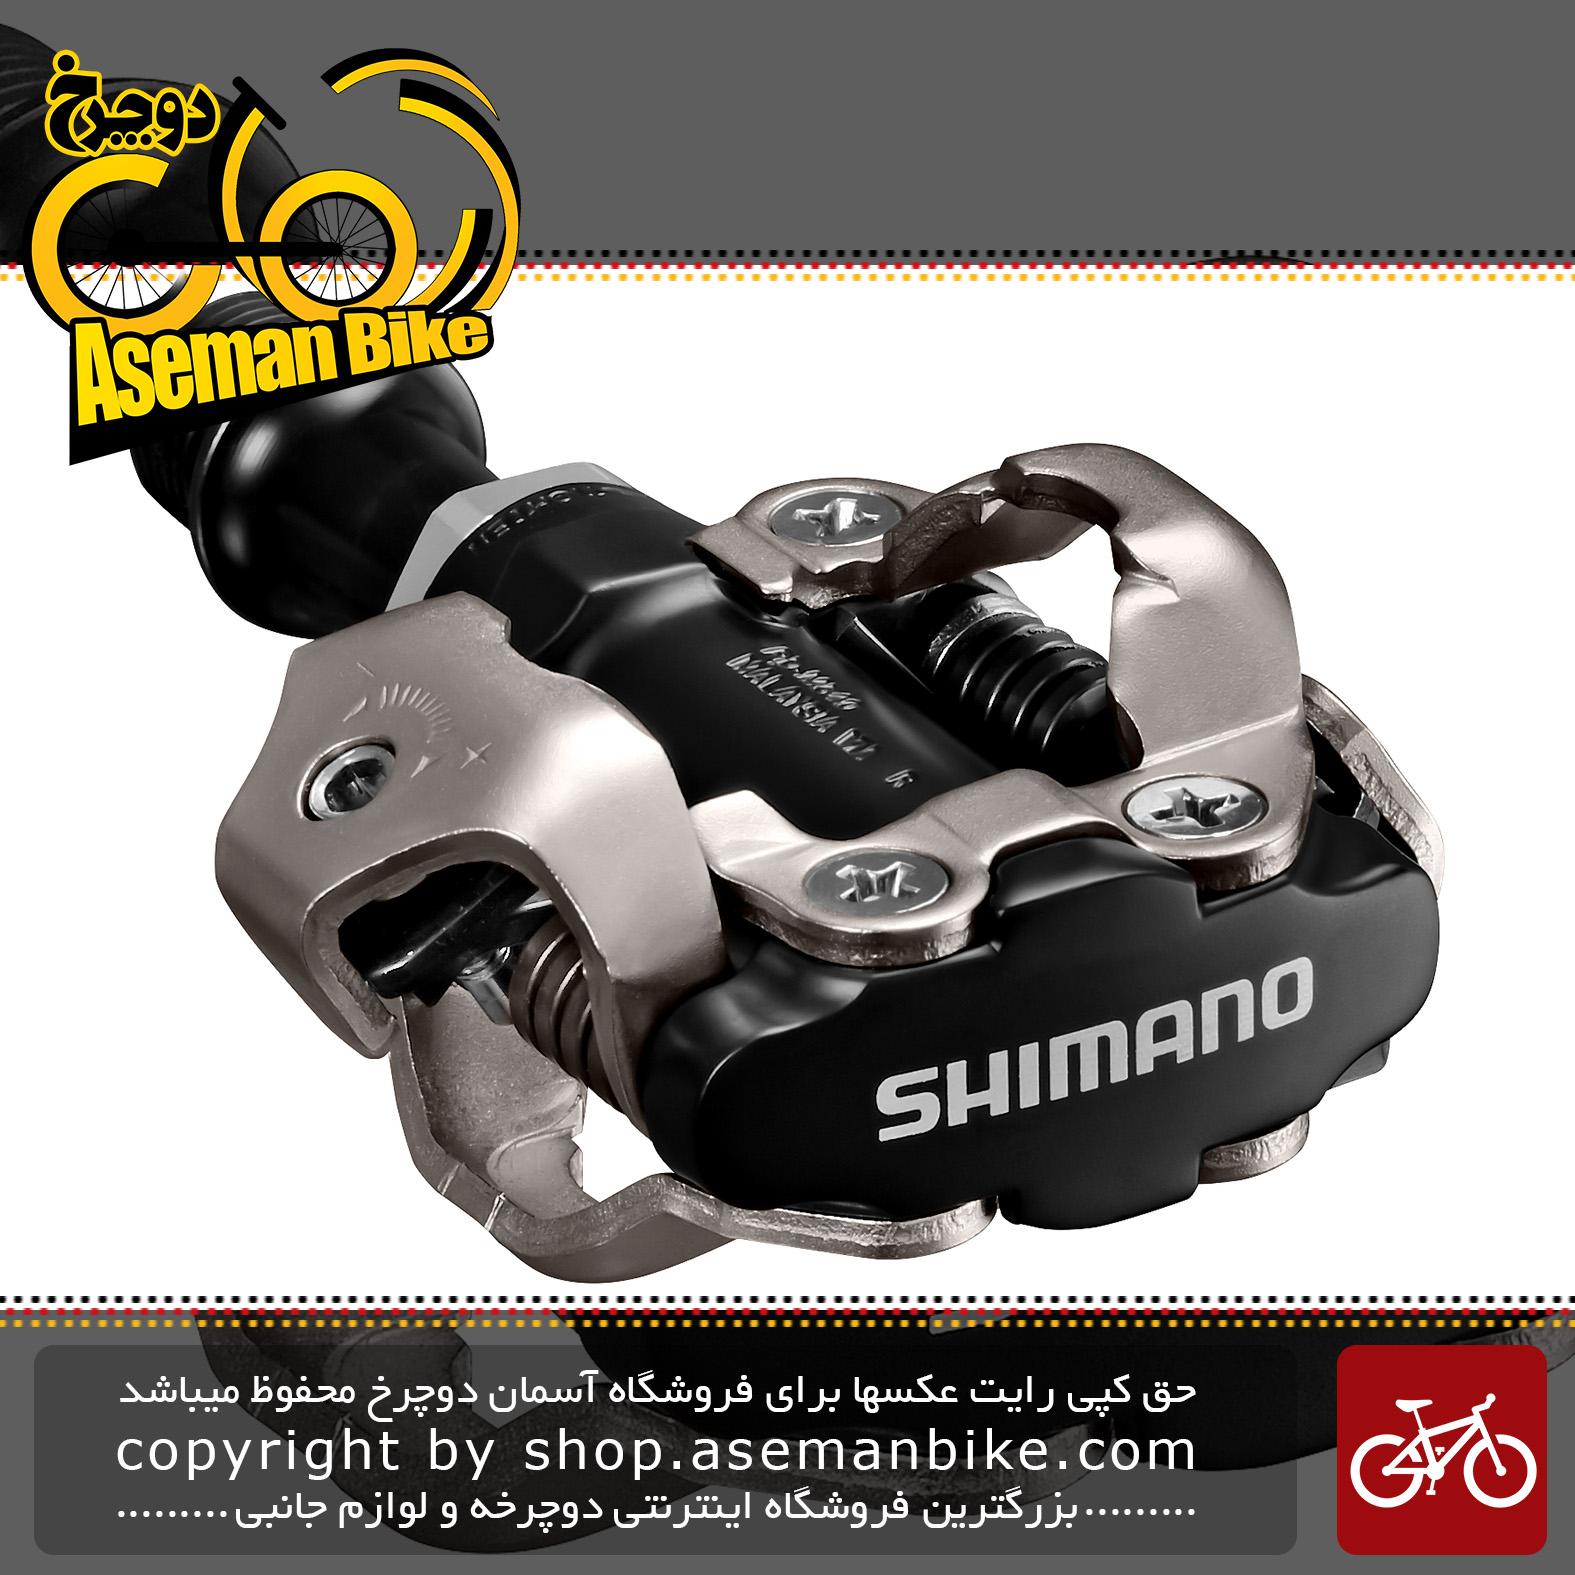 پدال دوچرخه کوهستان شیمانو لاک قفلی Shimano Pedal PD-M540